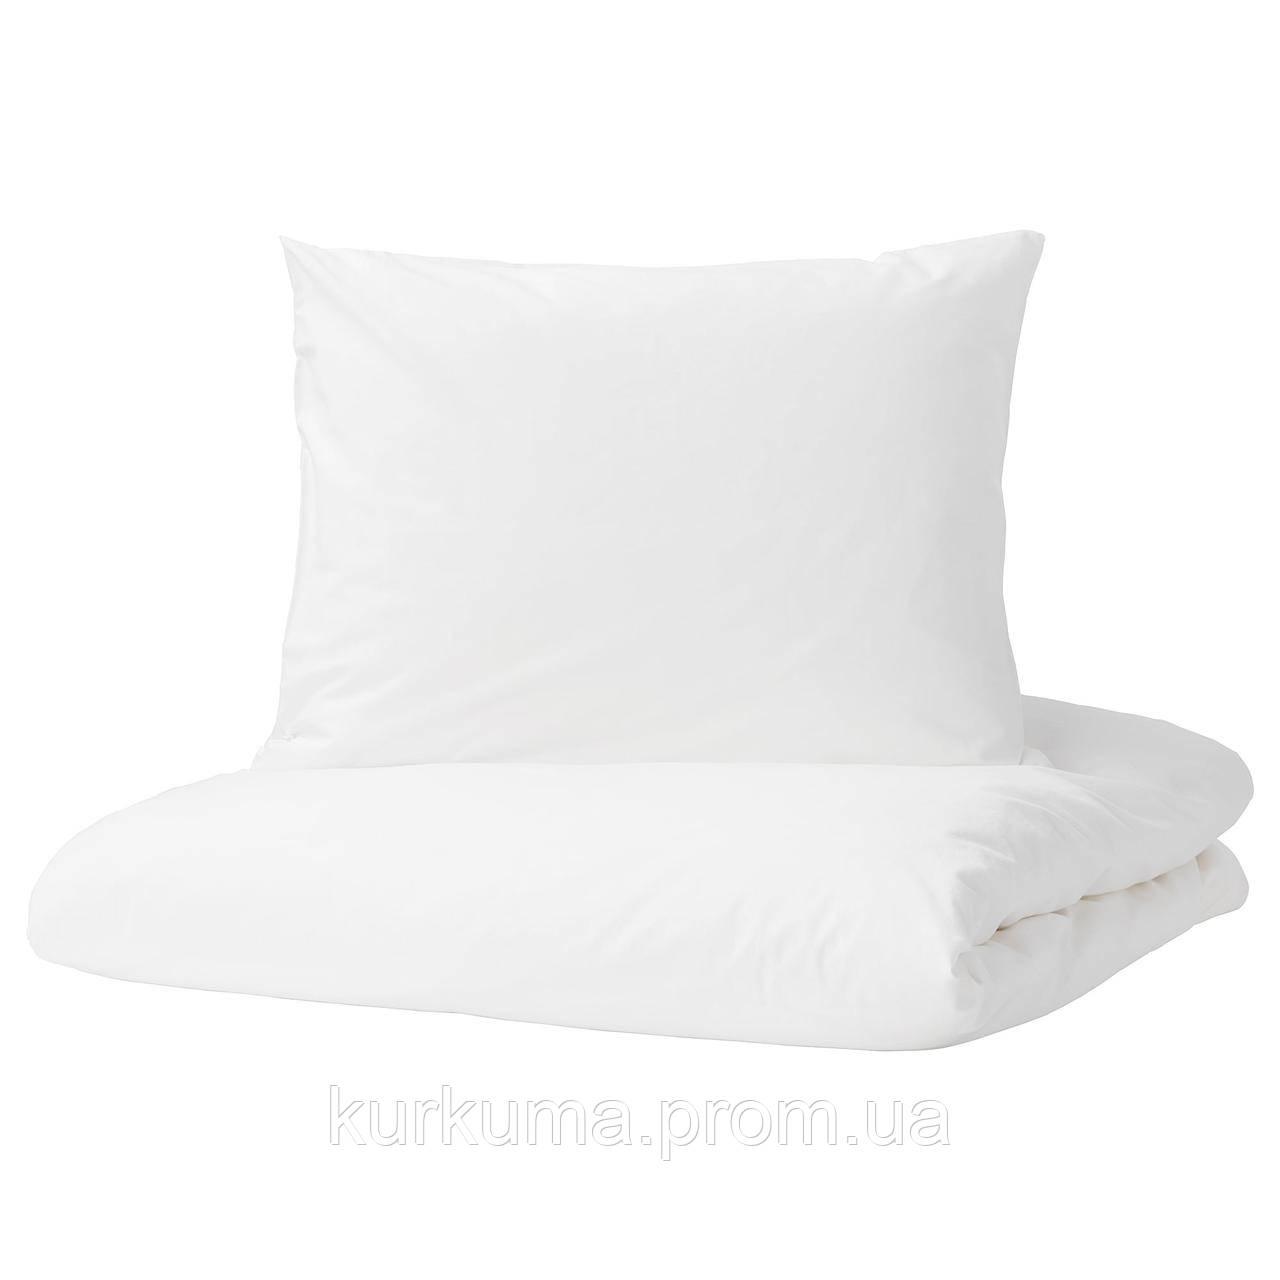 IKEA DVALA Комплект постельного белья, белый  (203.779.59)